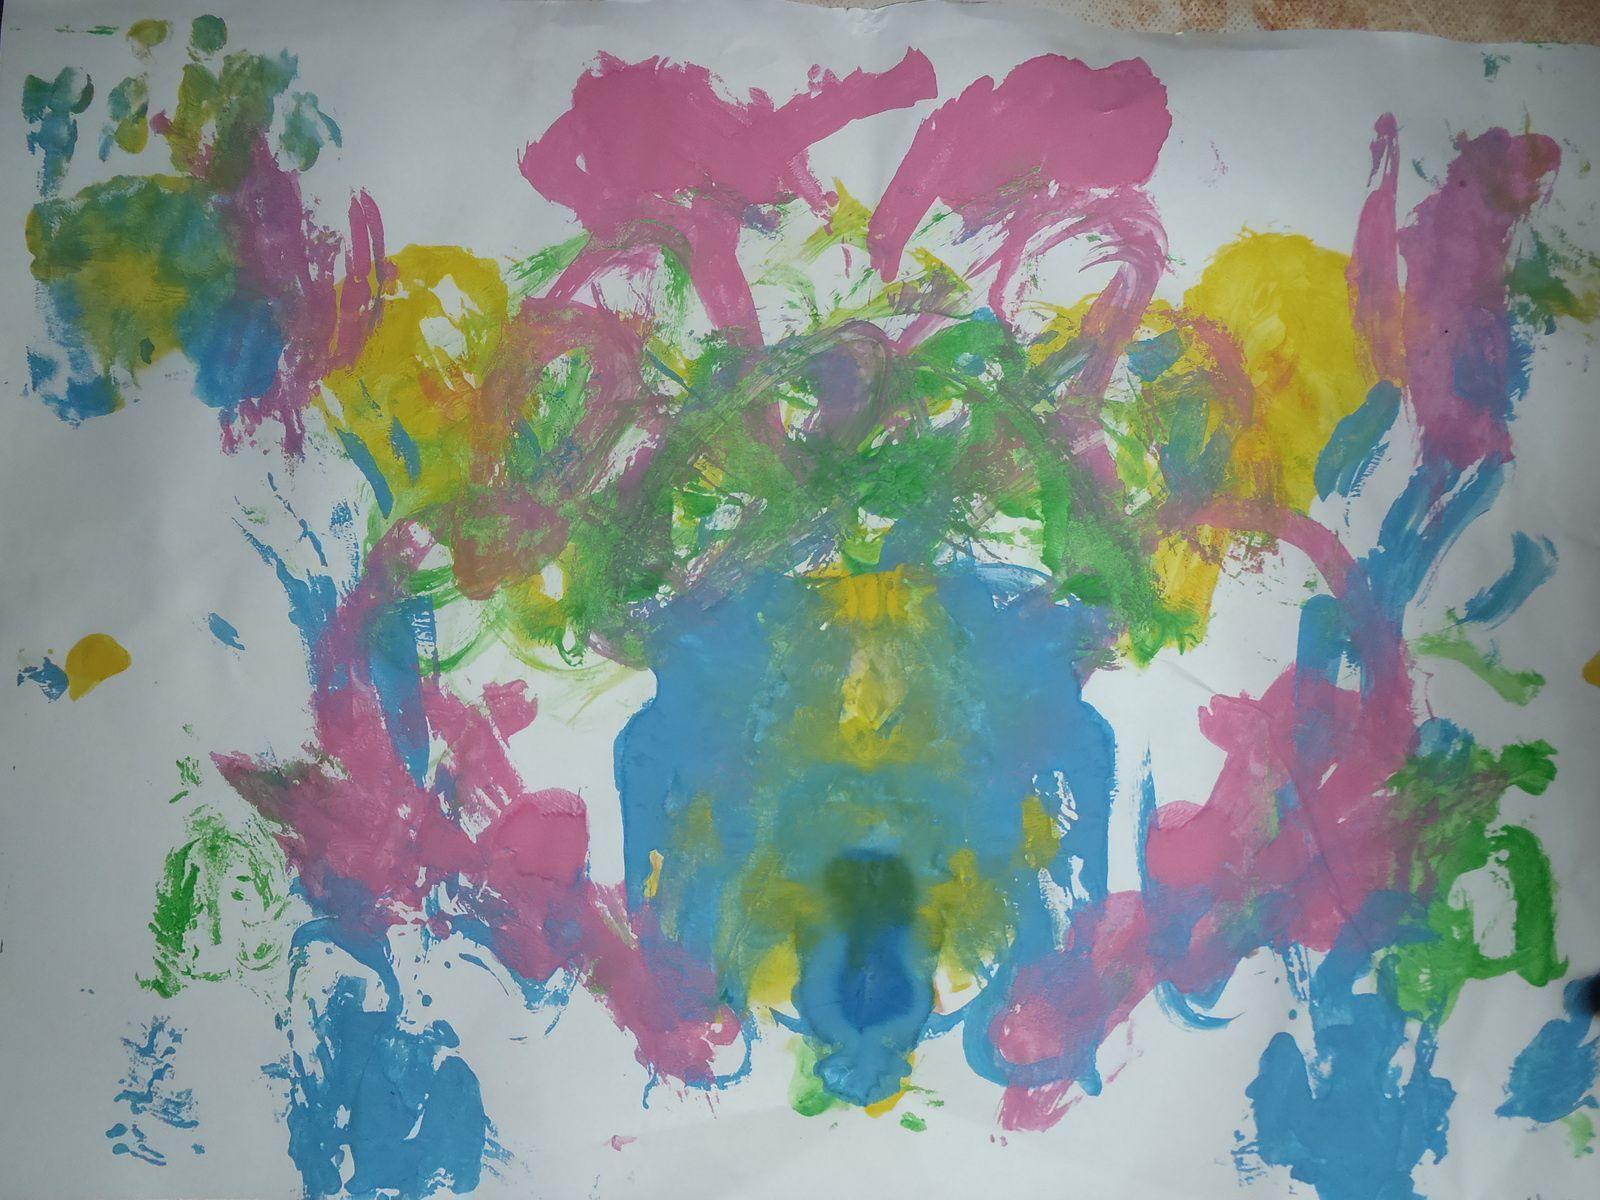 Pour N. plutôt au pinceau mais les mains finissent les oeuvres d'art ! Petit aide de nounou pour faire les rayons du soleil